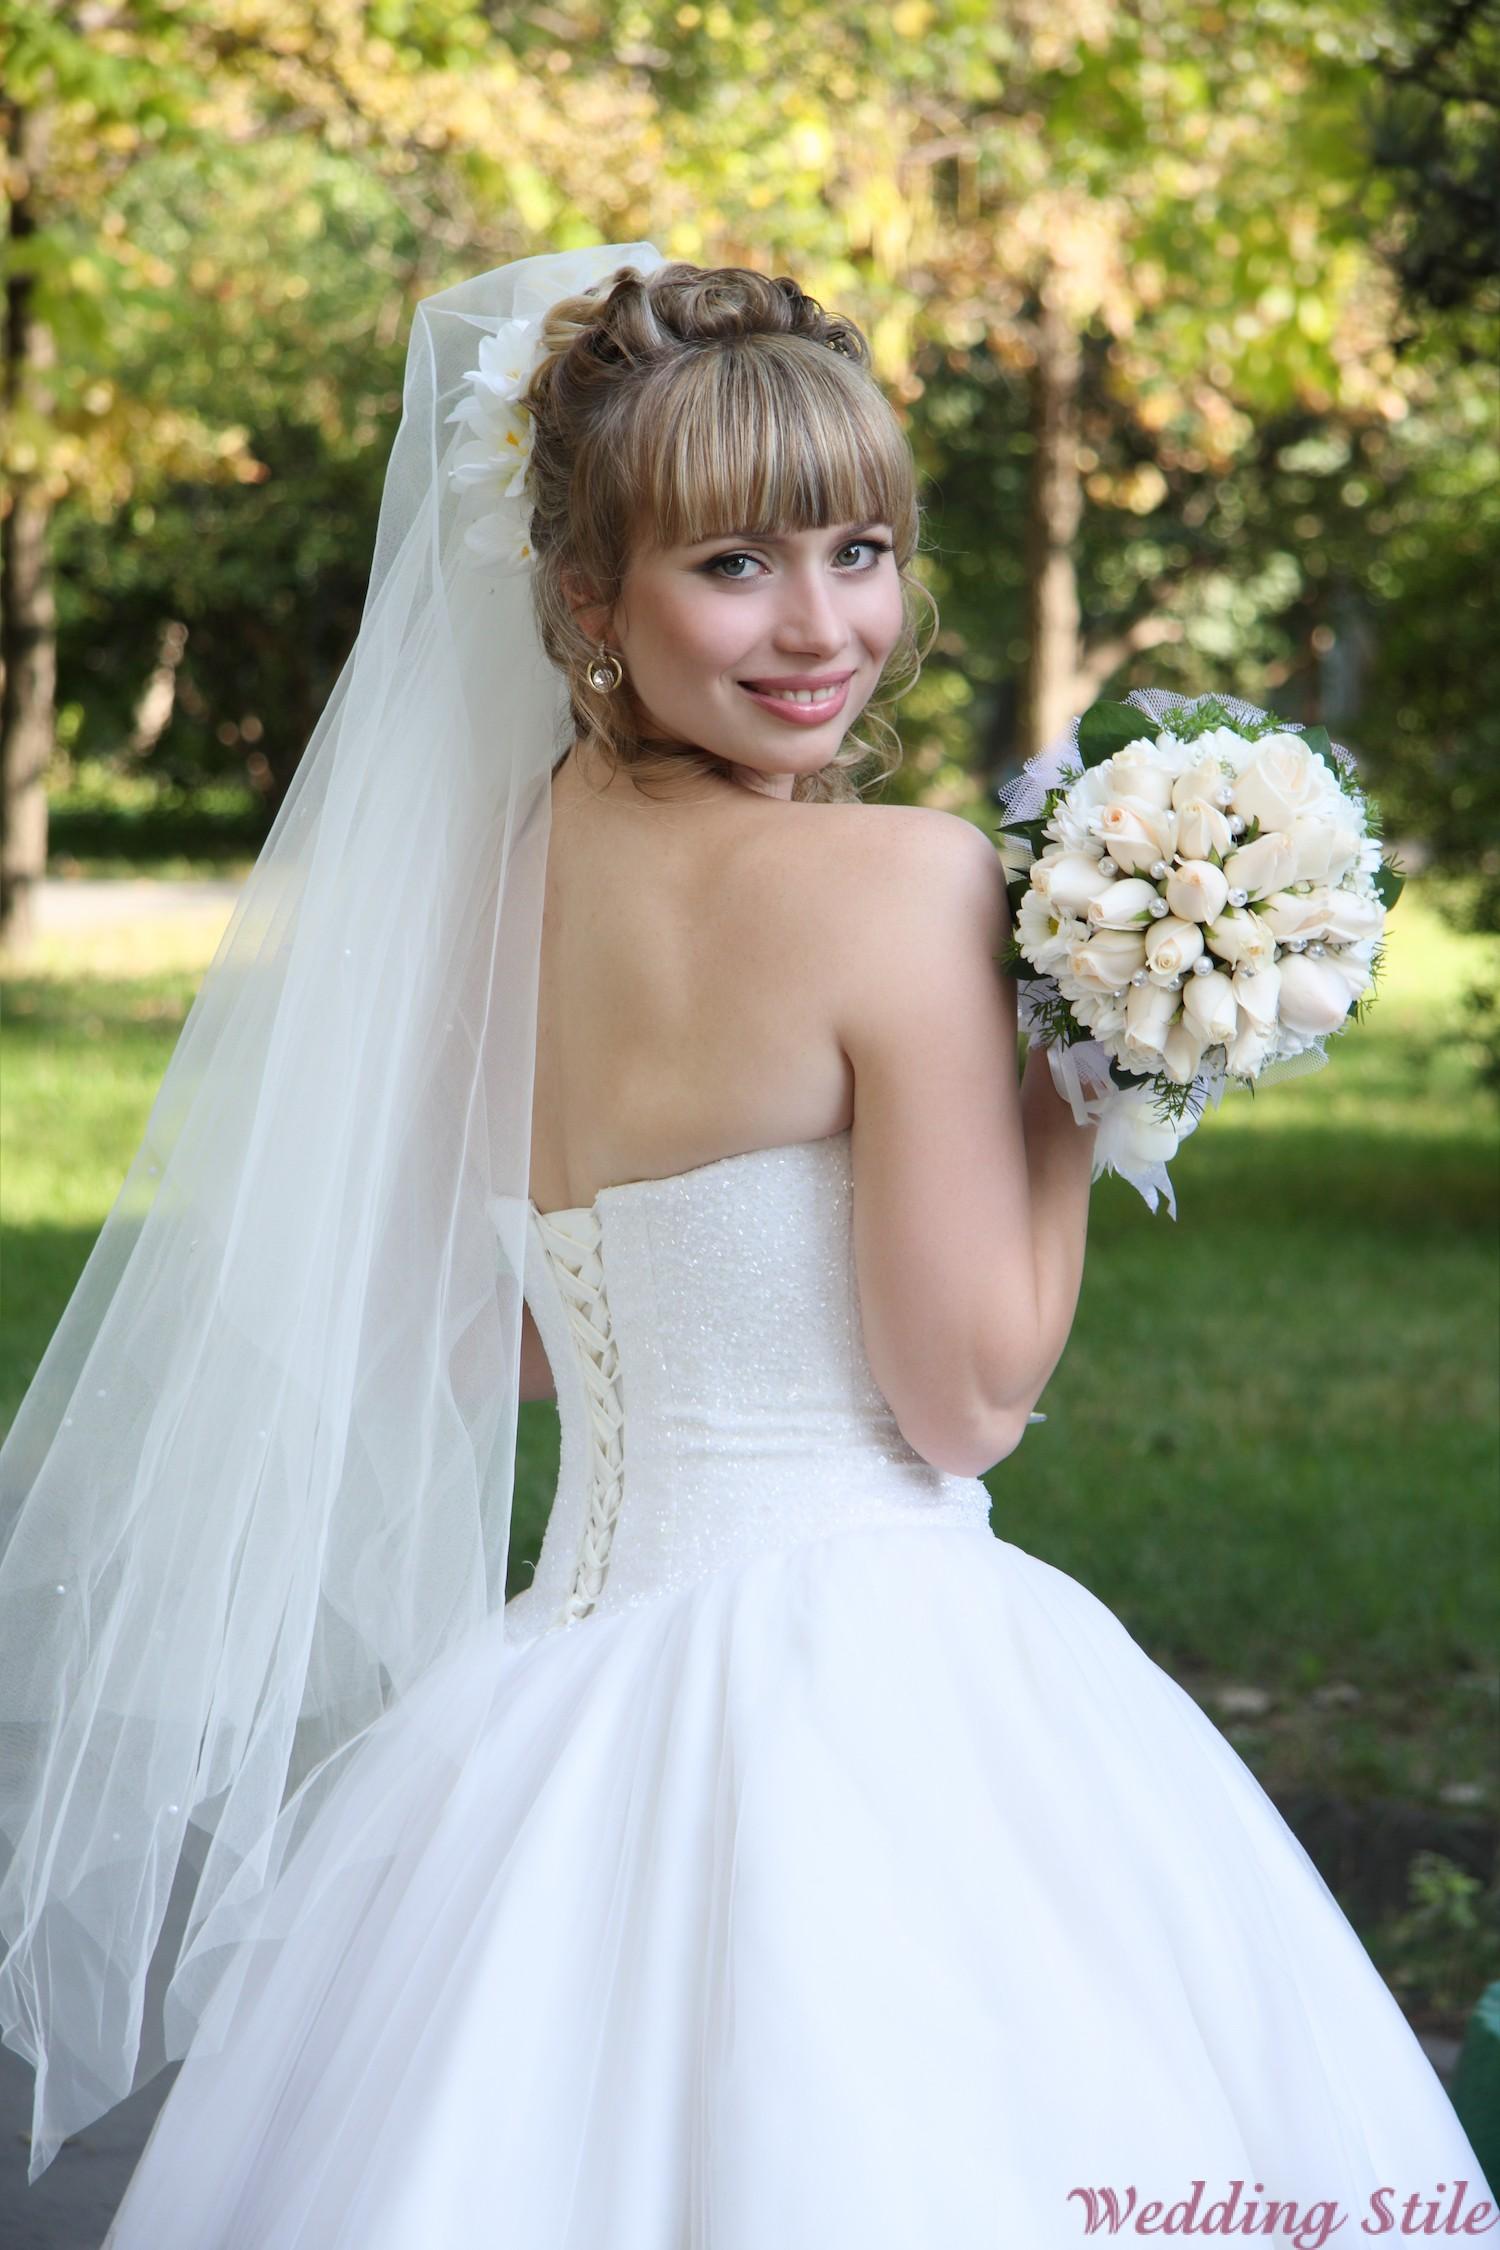 Мария захарова свадьба в нью йорке фото